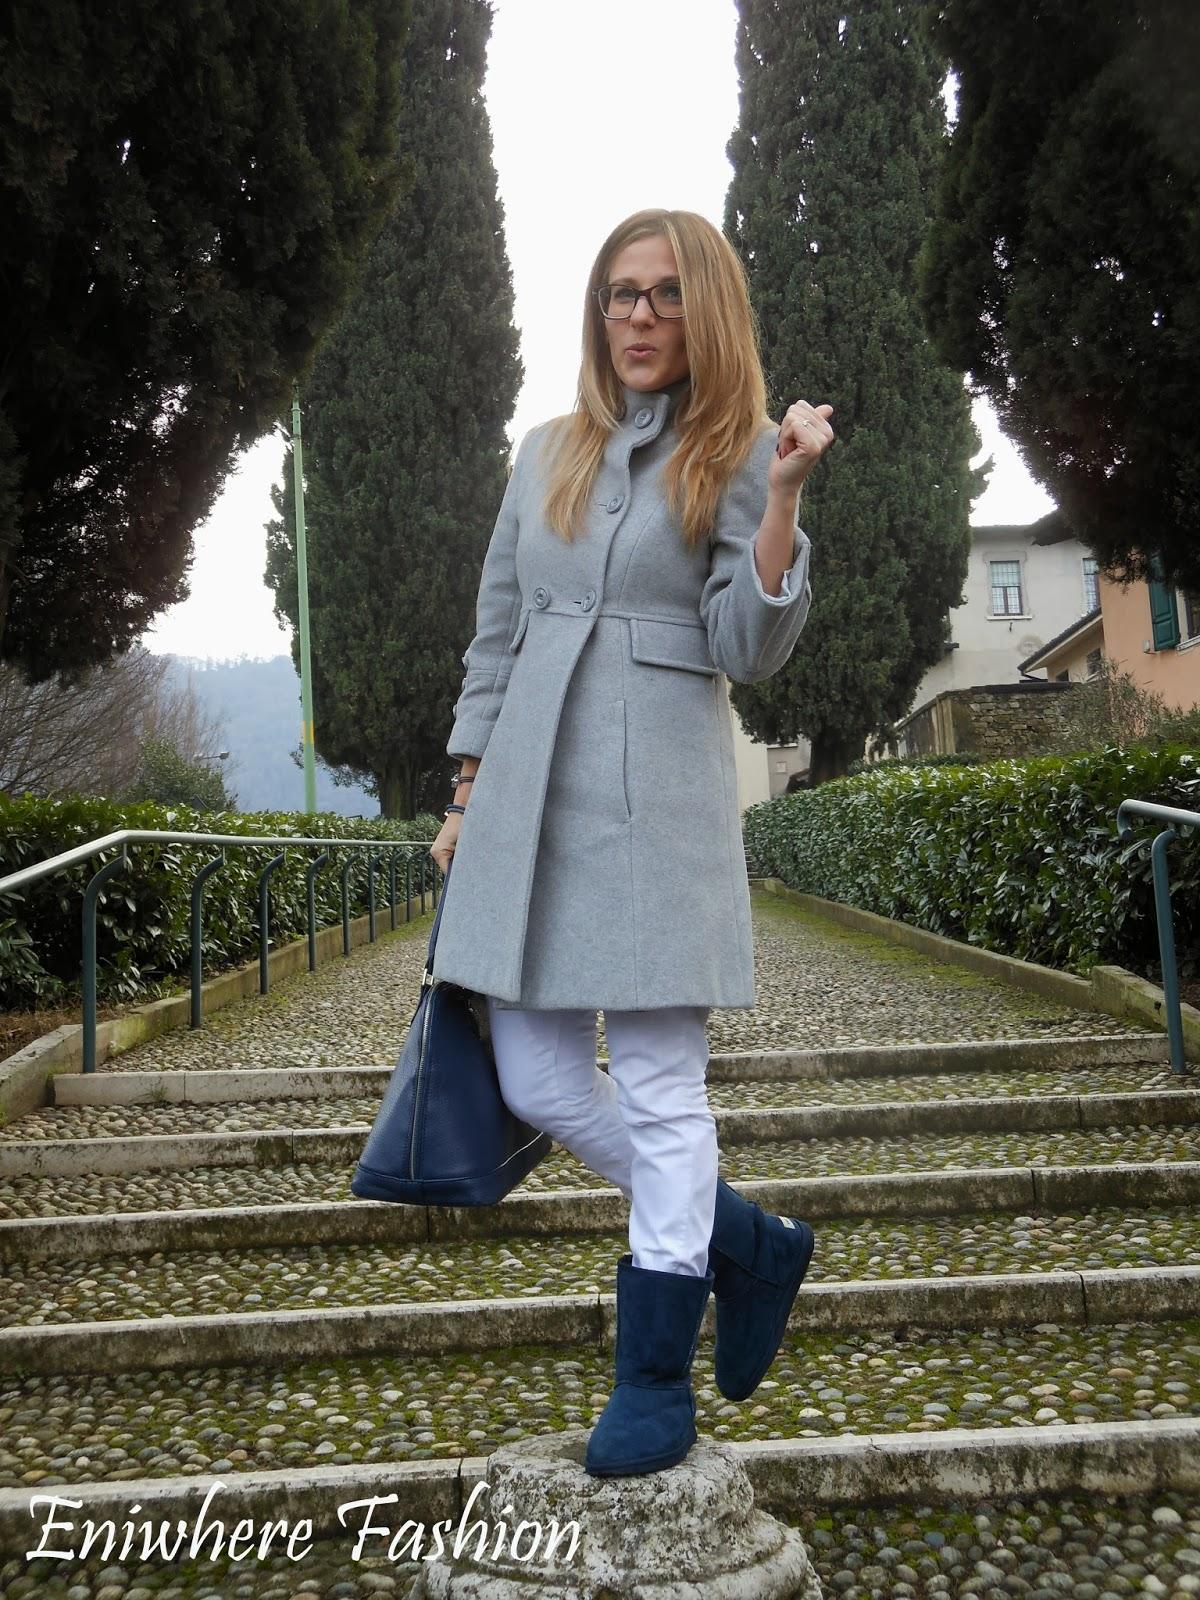 Eniwhere Fashion cappotto grigio Braccialetti